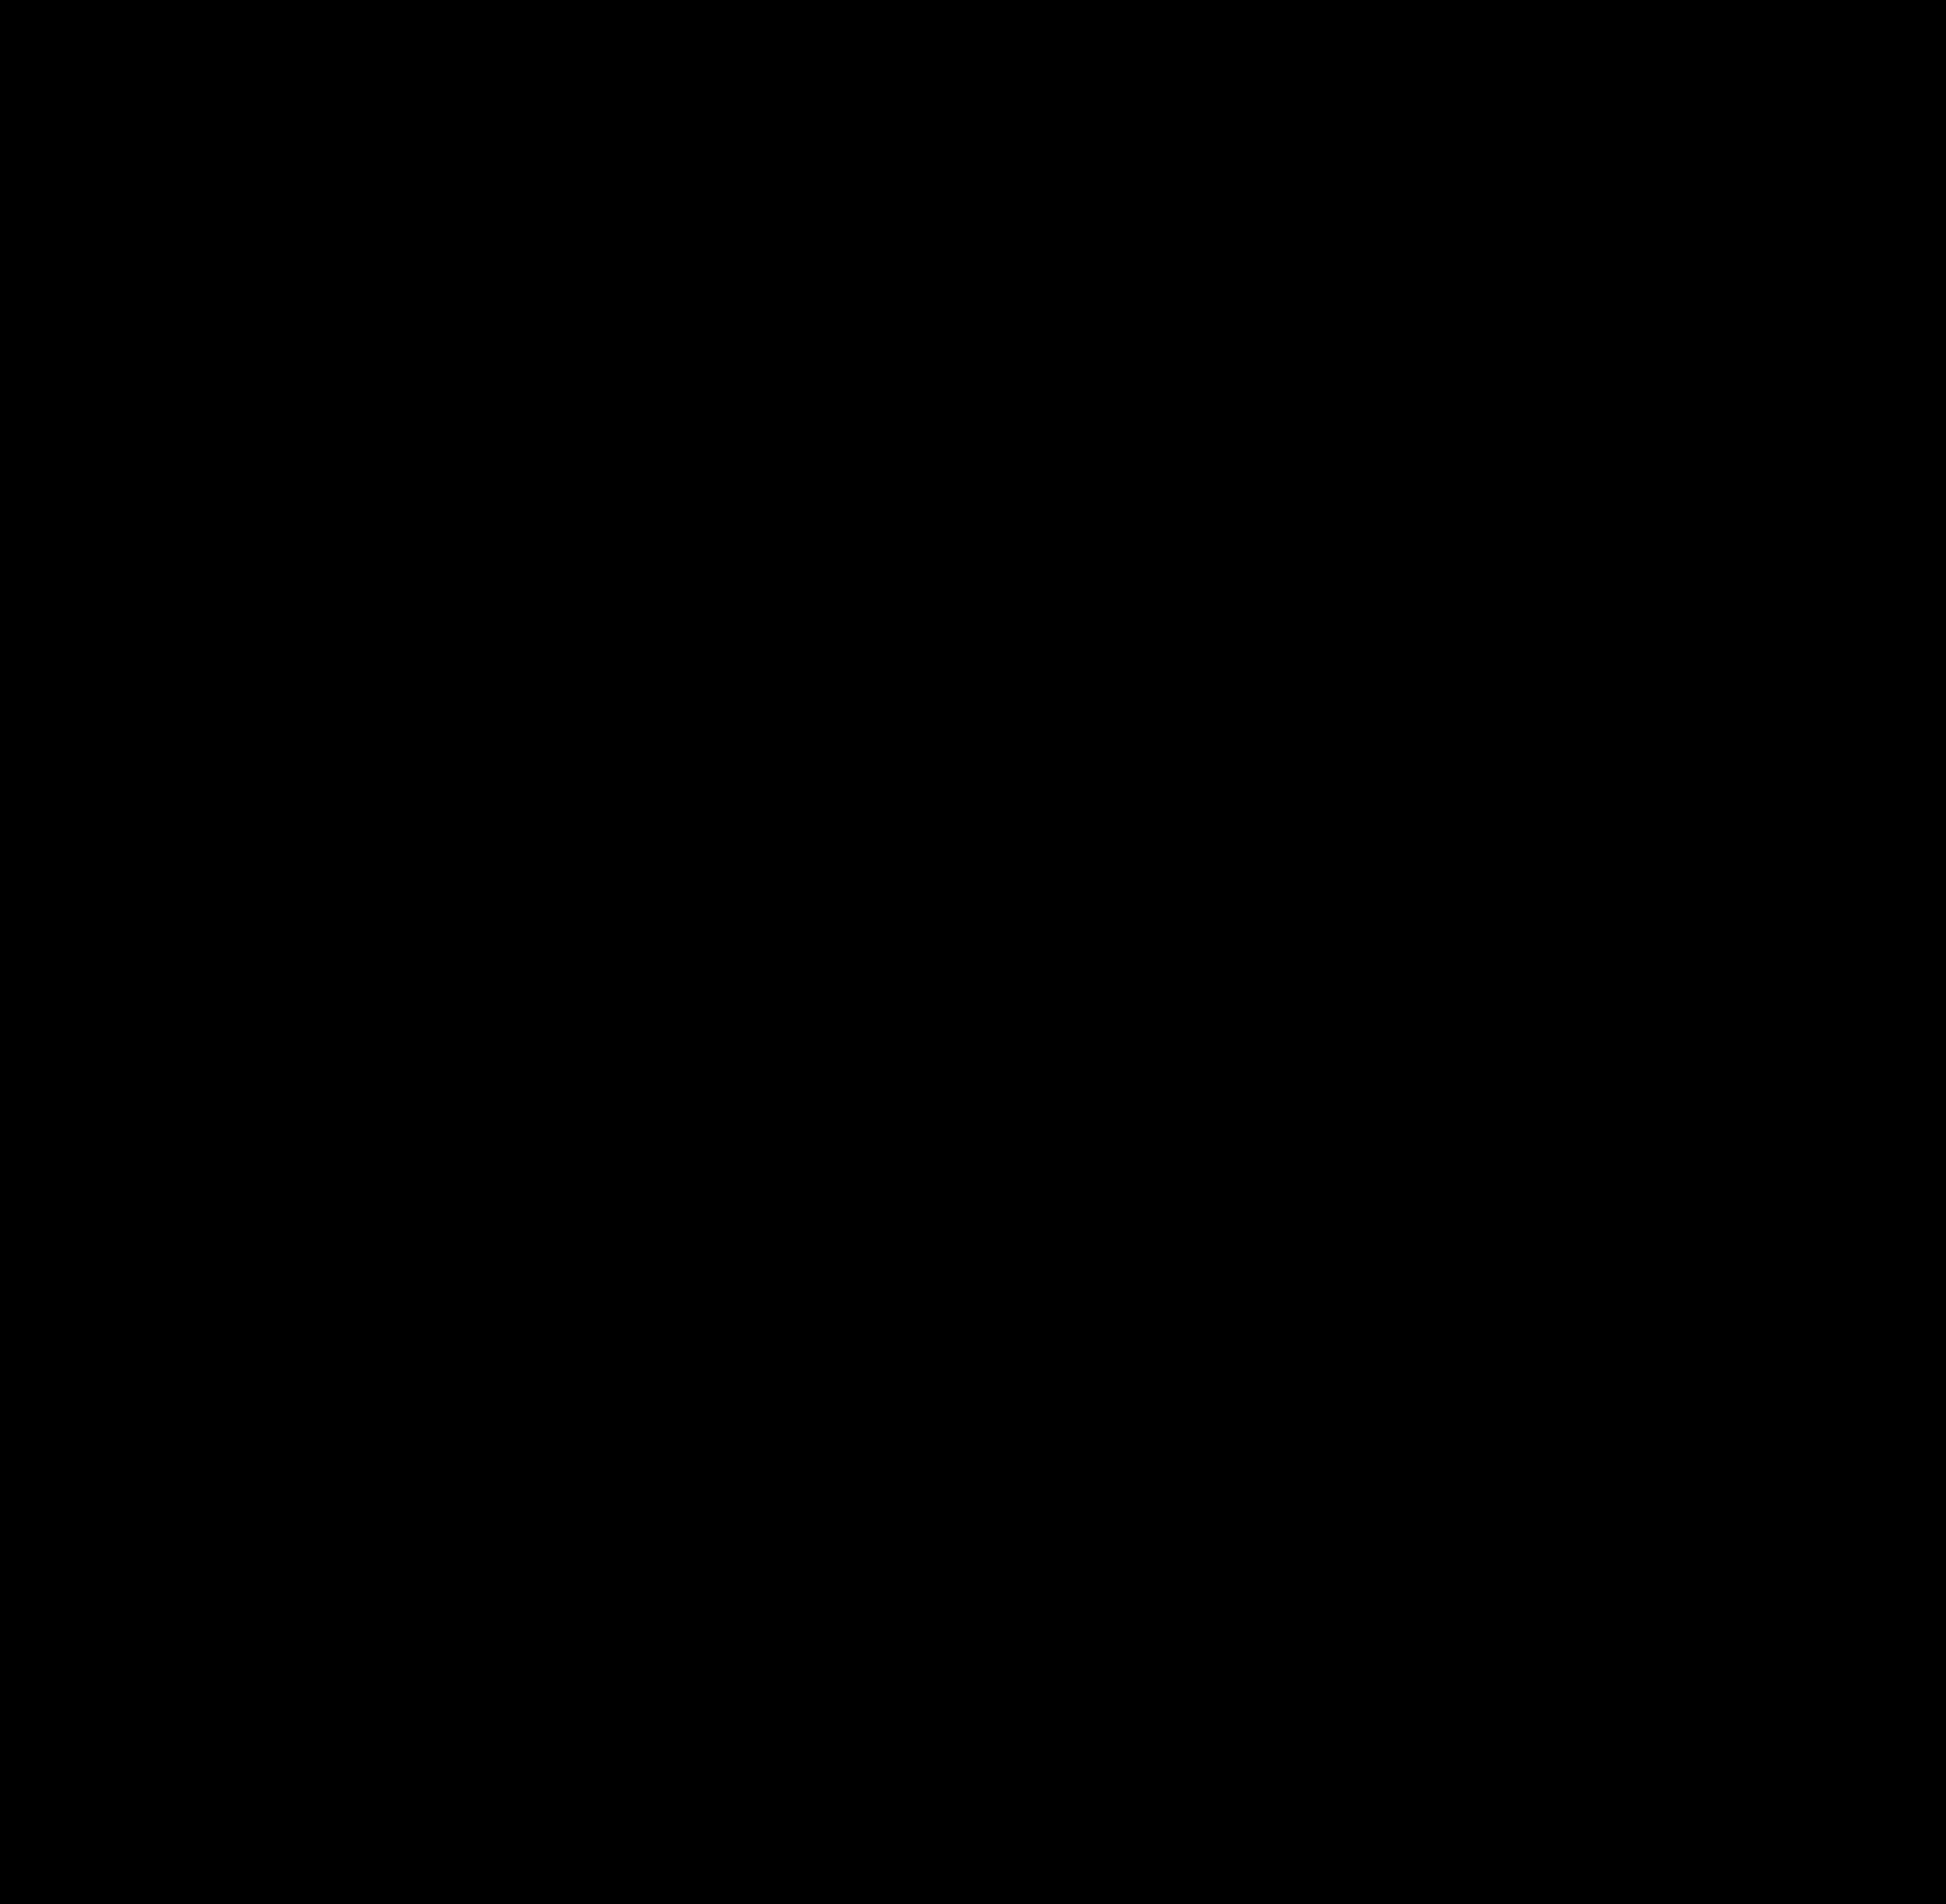 vector download Clipart